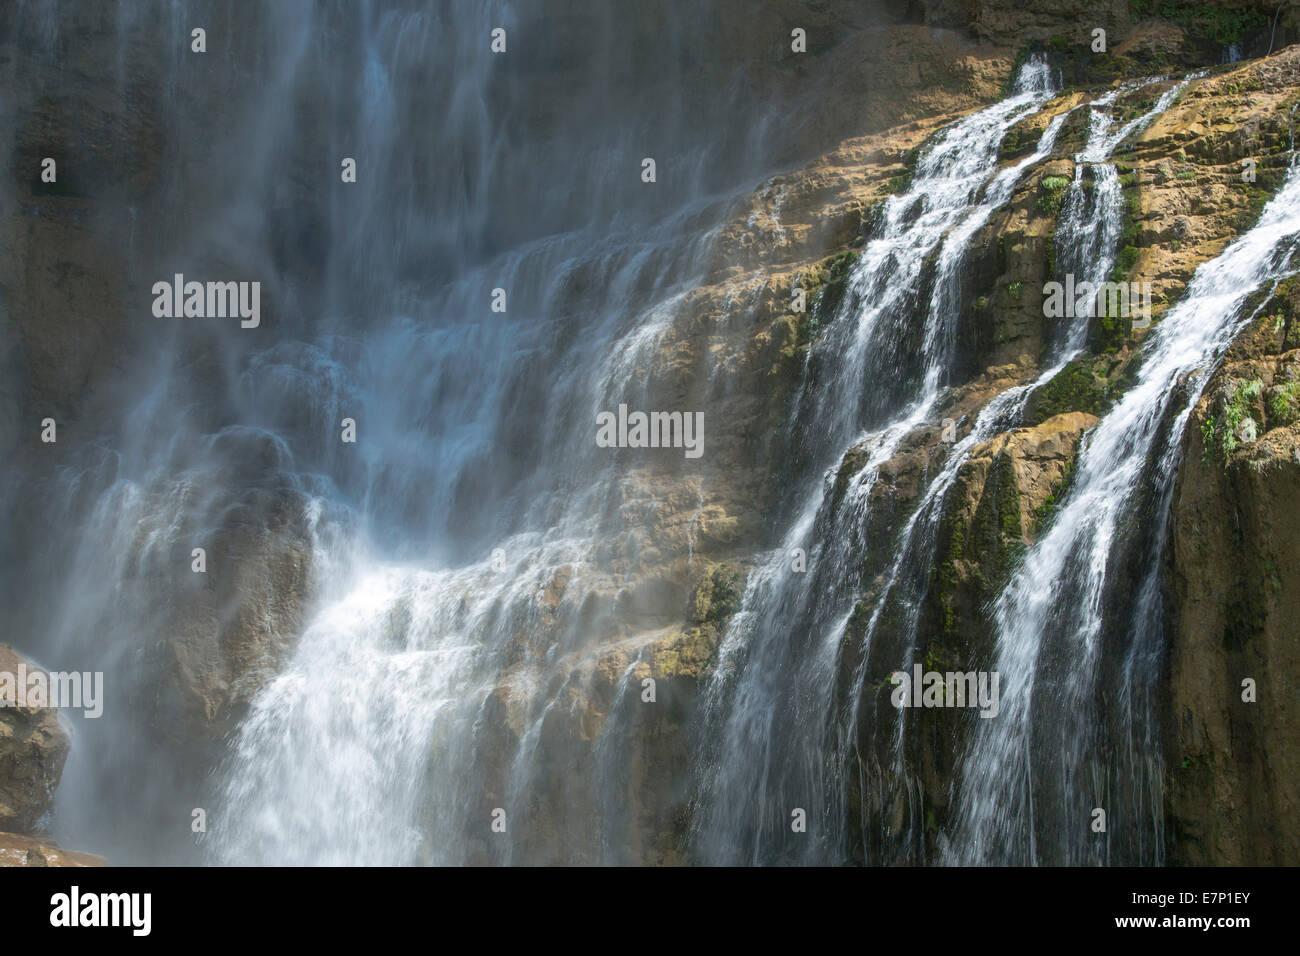 Walensee, Bethlis Seerenbachfälle, SG, agua, cascada, SG, en el cantón de San Gallen, Suiza, Europa Imagen De Stock